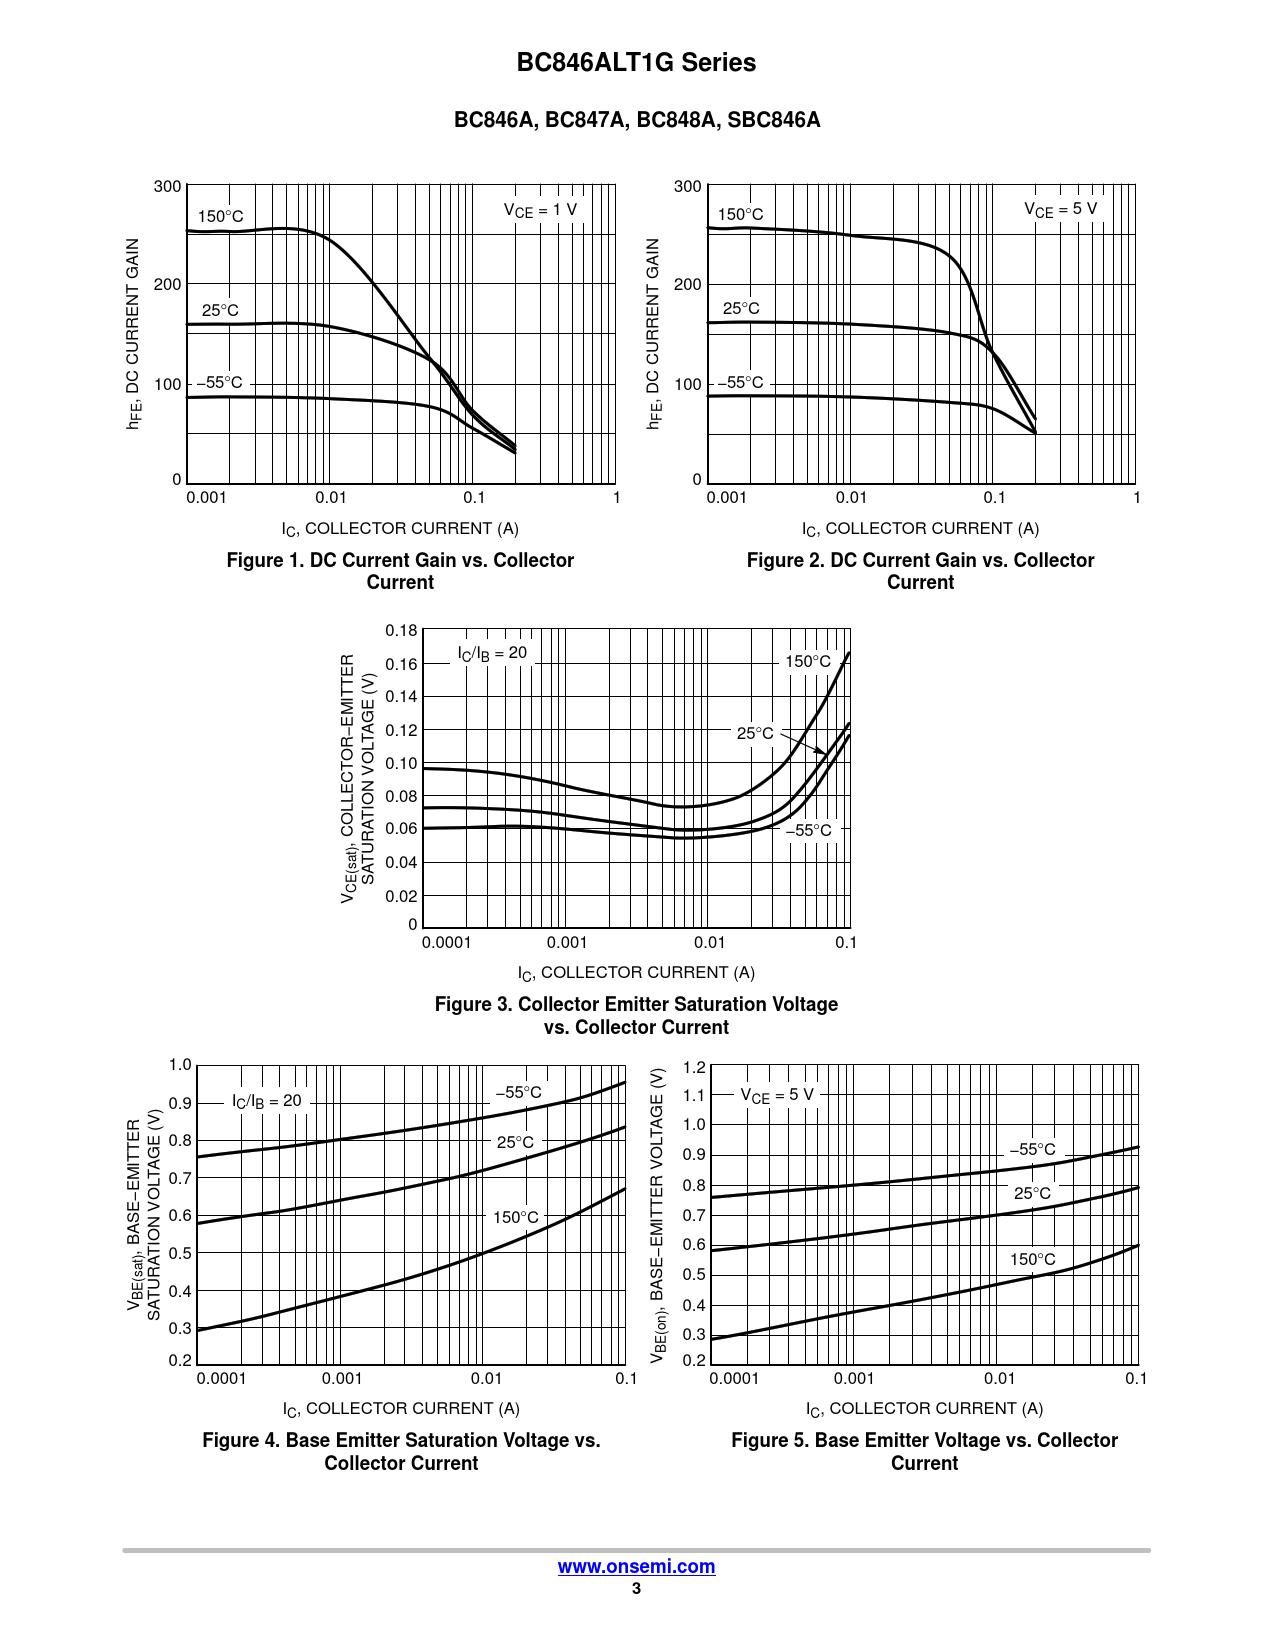 BC846ALT1G Series BC846A, BC847A, BC848A, SBC846A Figure 1 DC Current Gain vs Collector